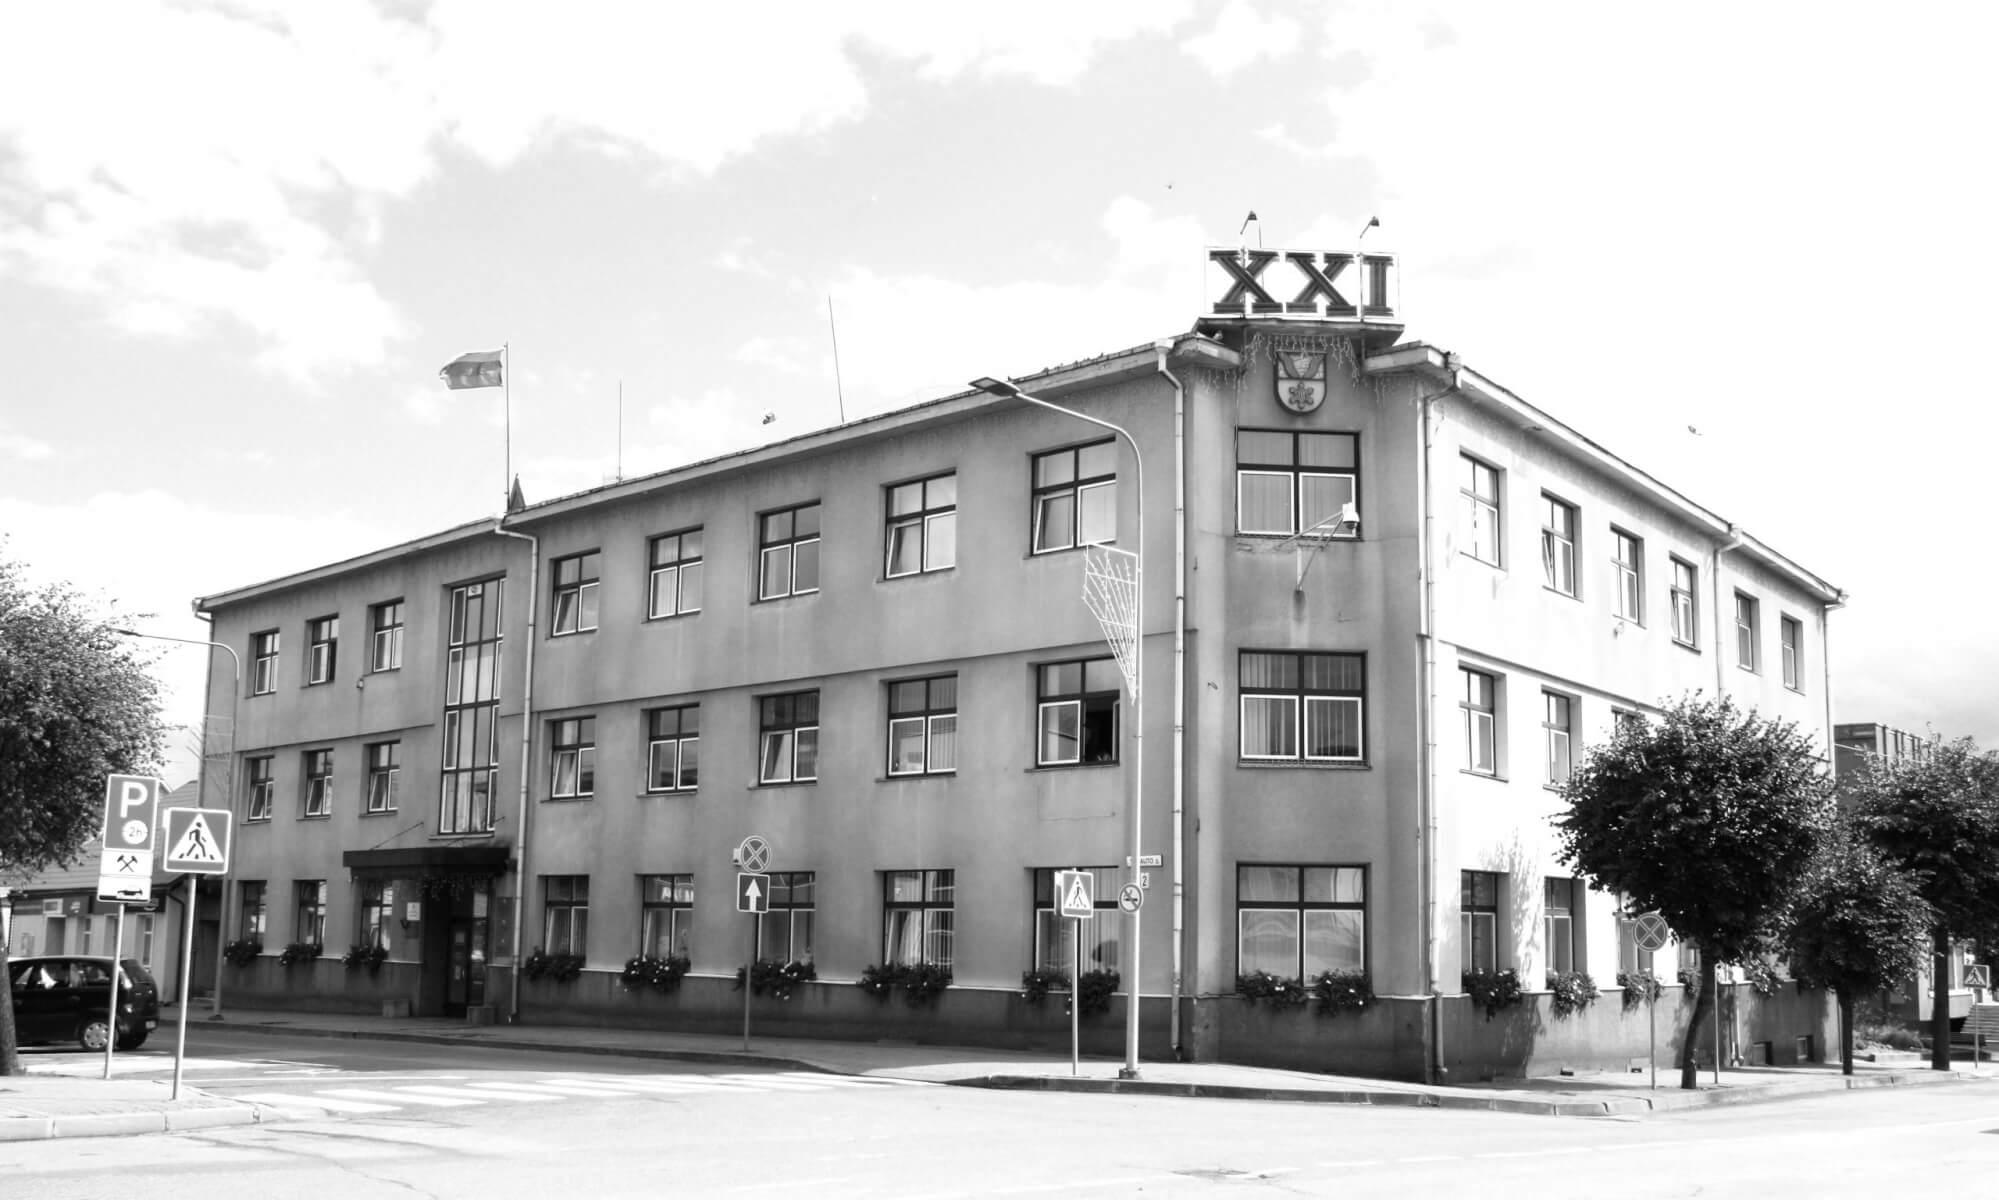 Pastatas, kuriame įsikūrusi Kupiškio rajono savivaldybės administracija. (Buvęs vaistininko Juozo Stuko namas statytas tarpukariu). 2021 m.